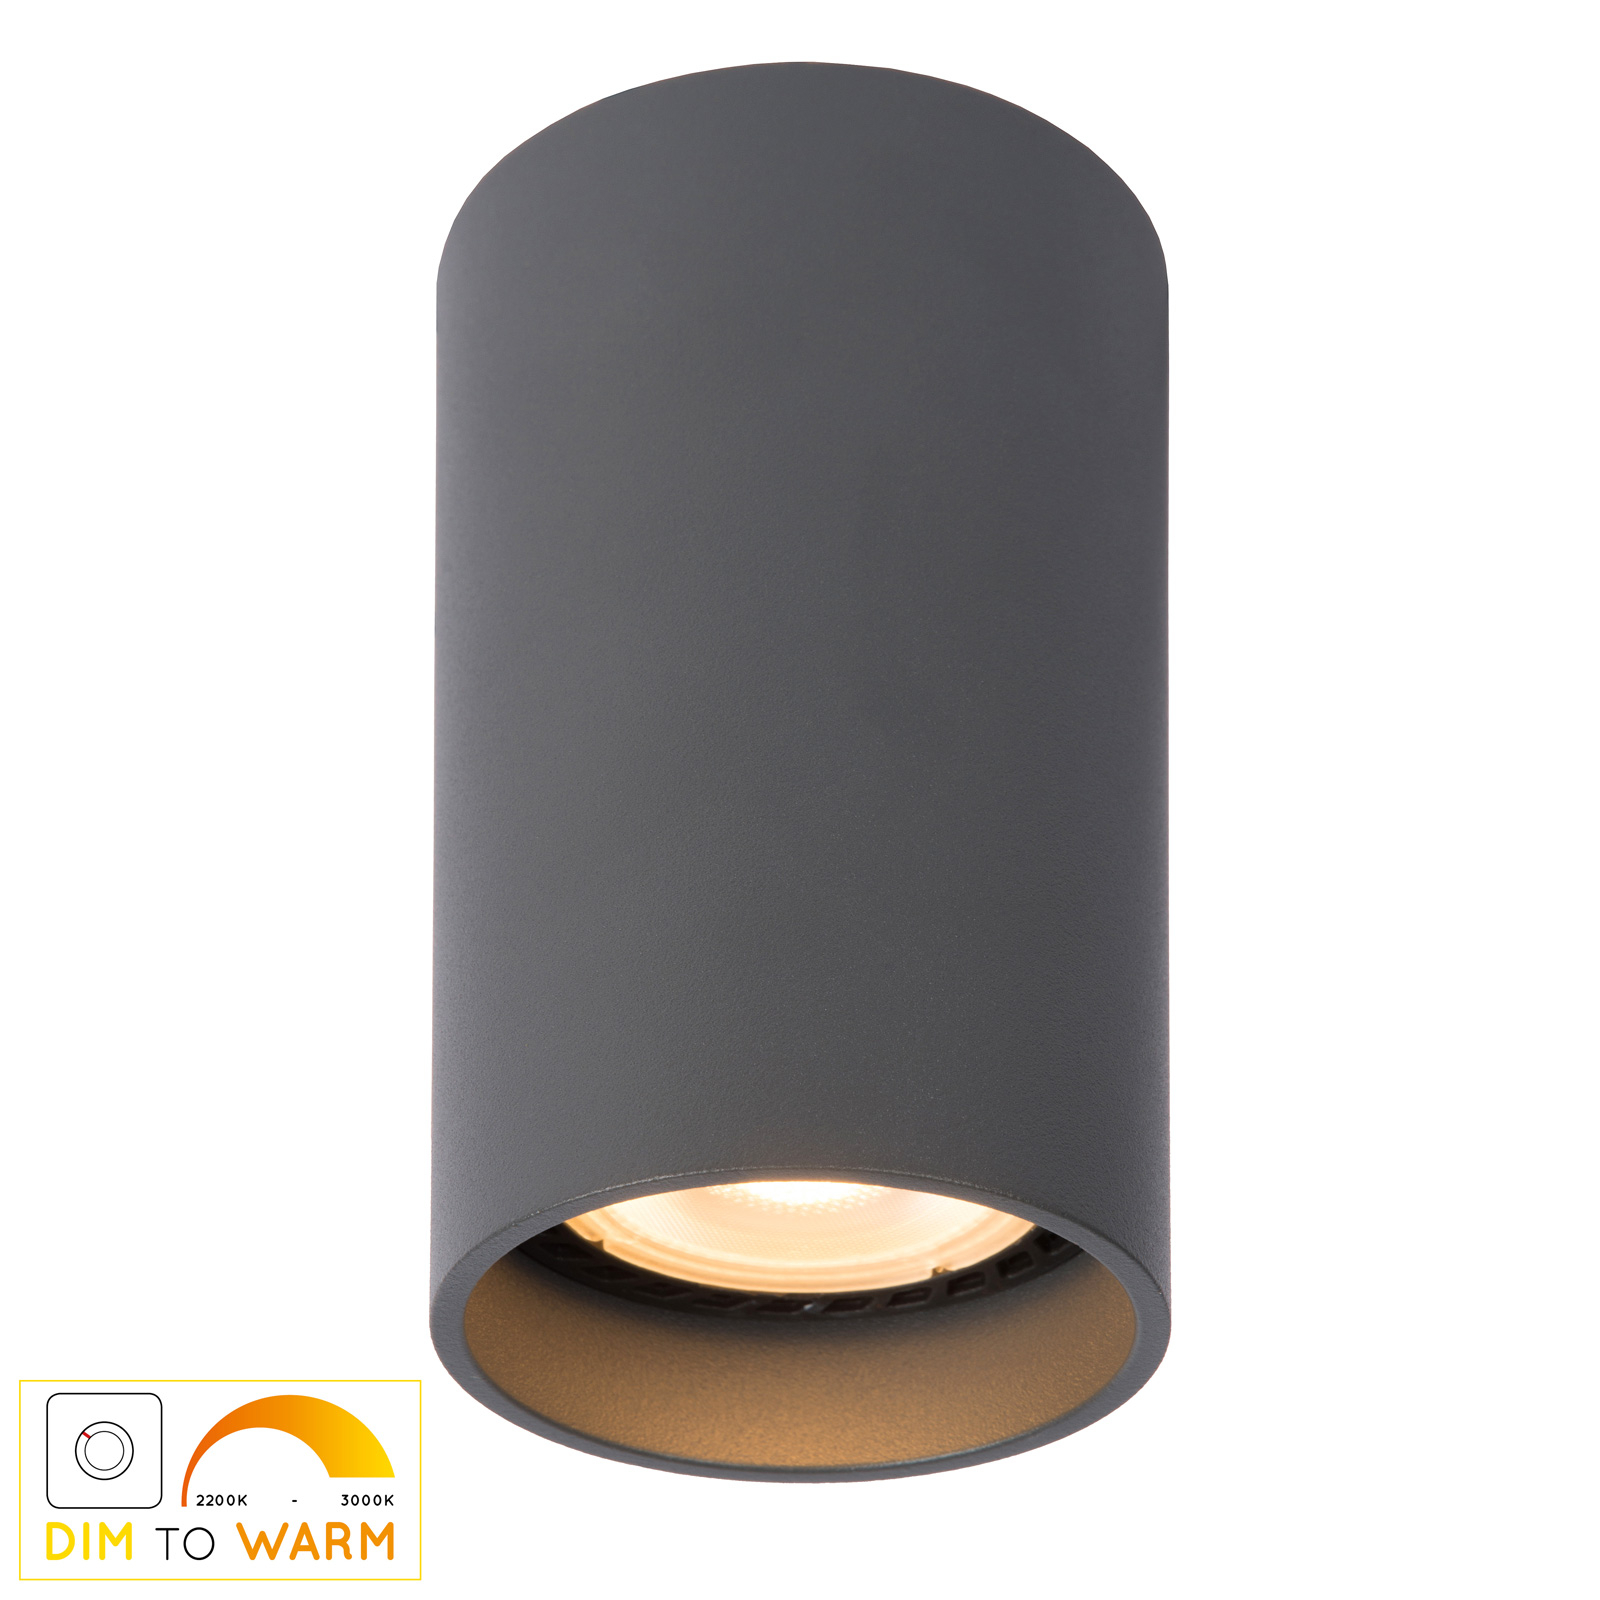 LED-kattovalaisin Delto, pyöreä, harmaa